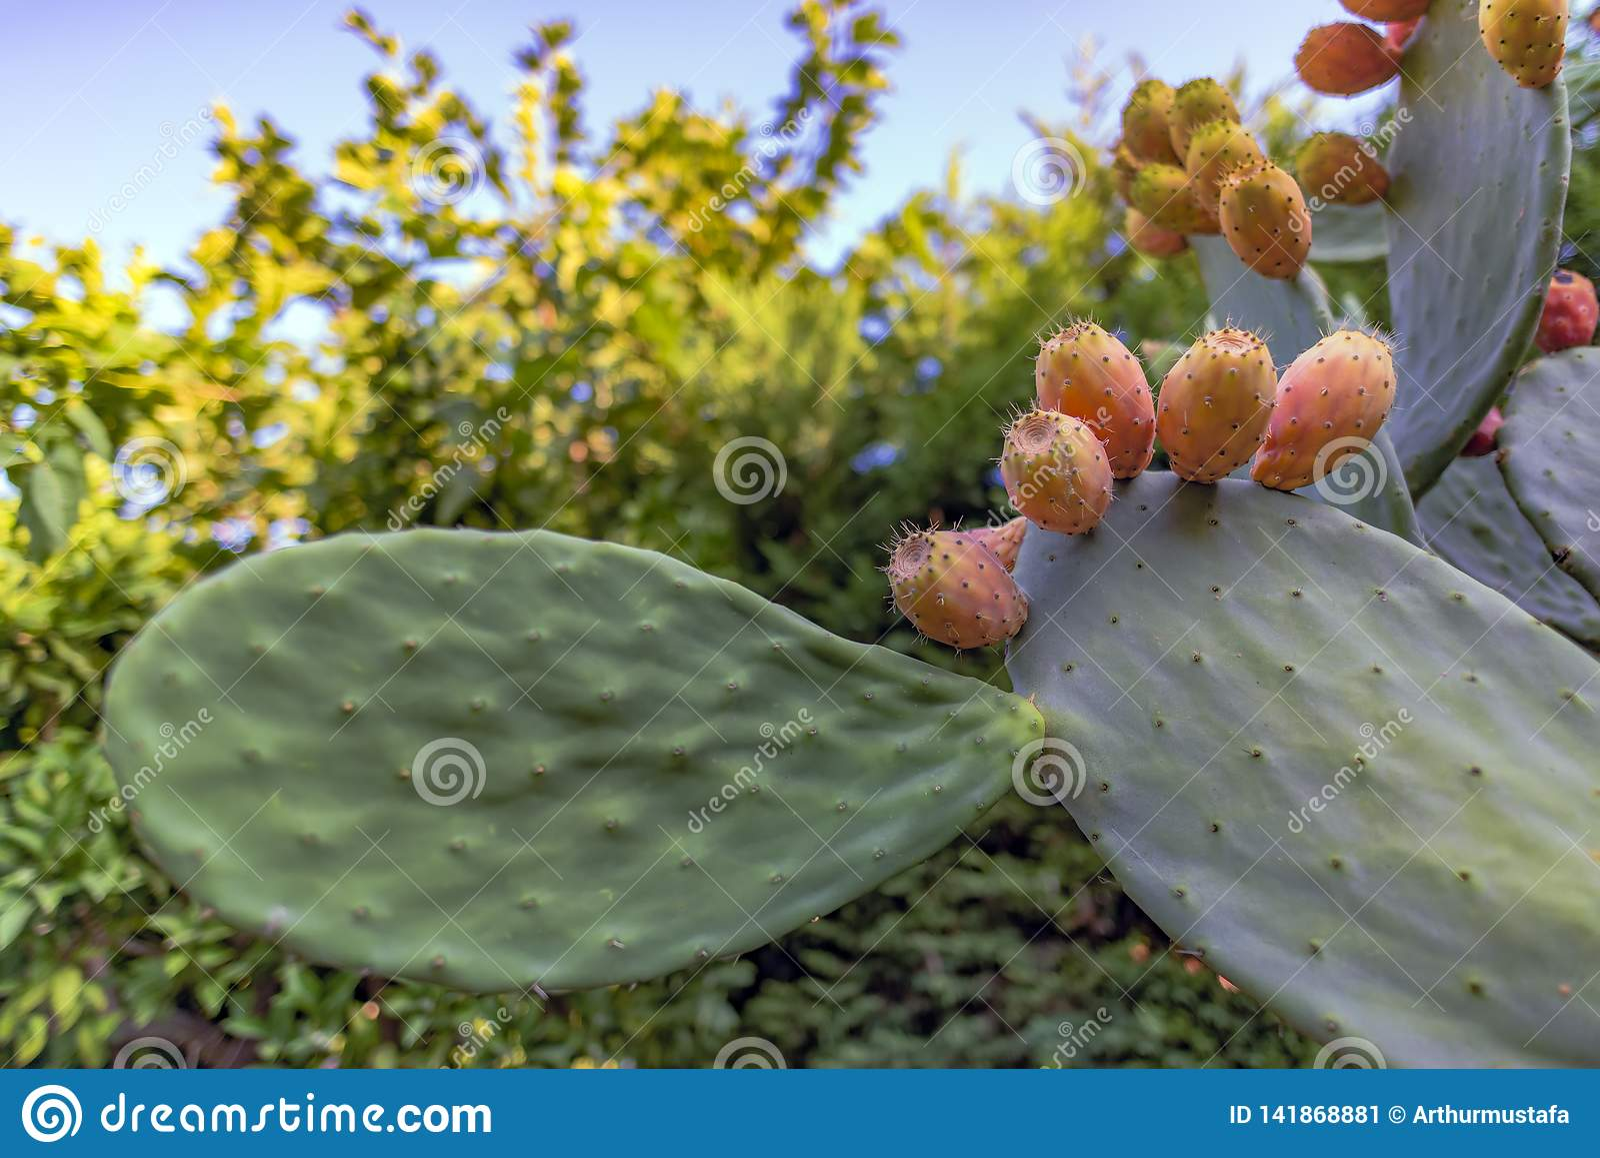 Opuntia ficus indica dei rami del cactus di Sabra con molti frutti maturi Fico d india con i frutti dolci succosi